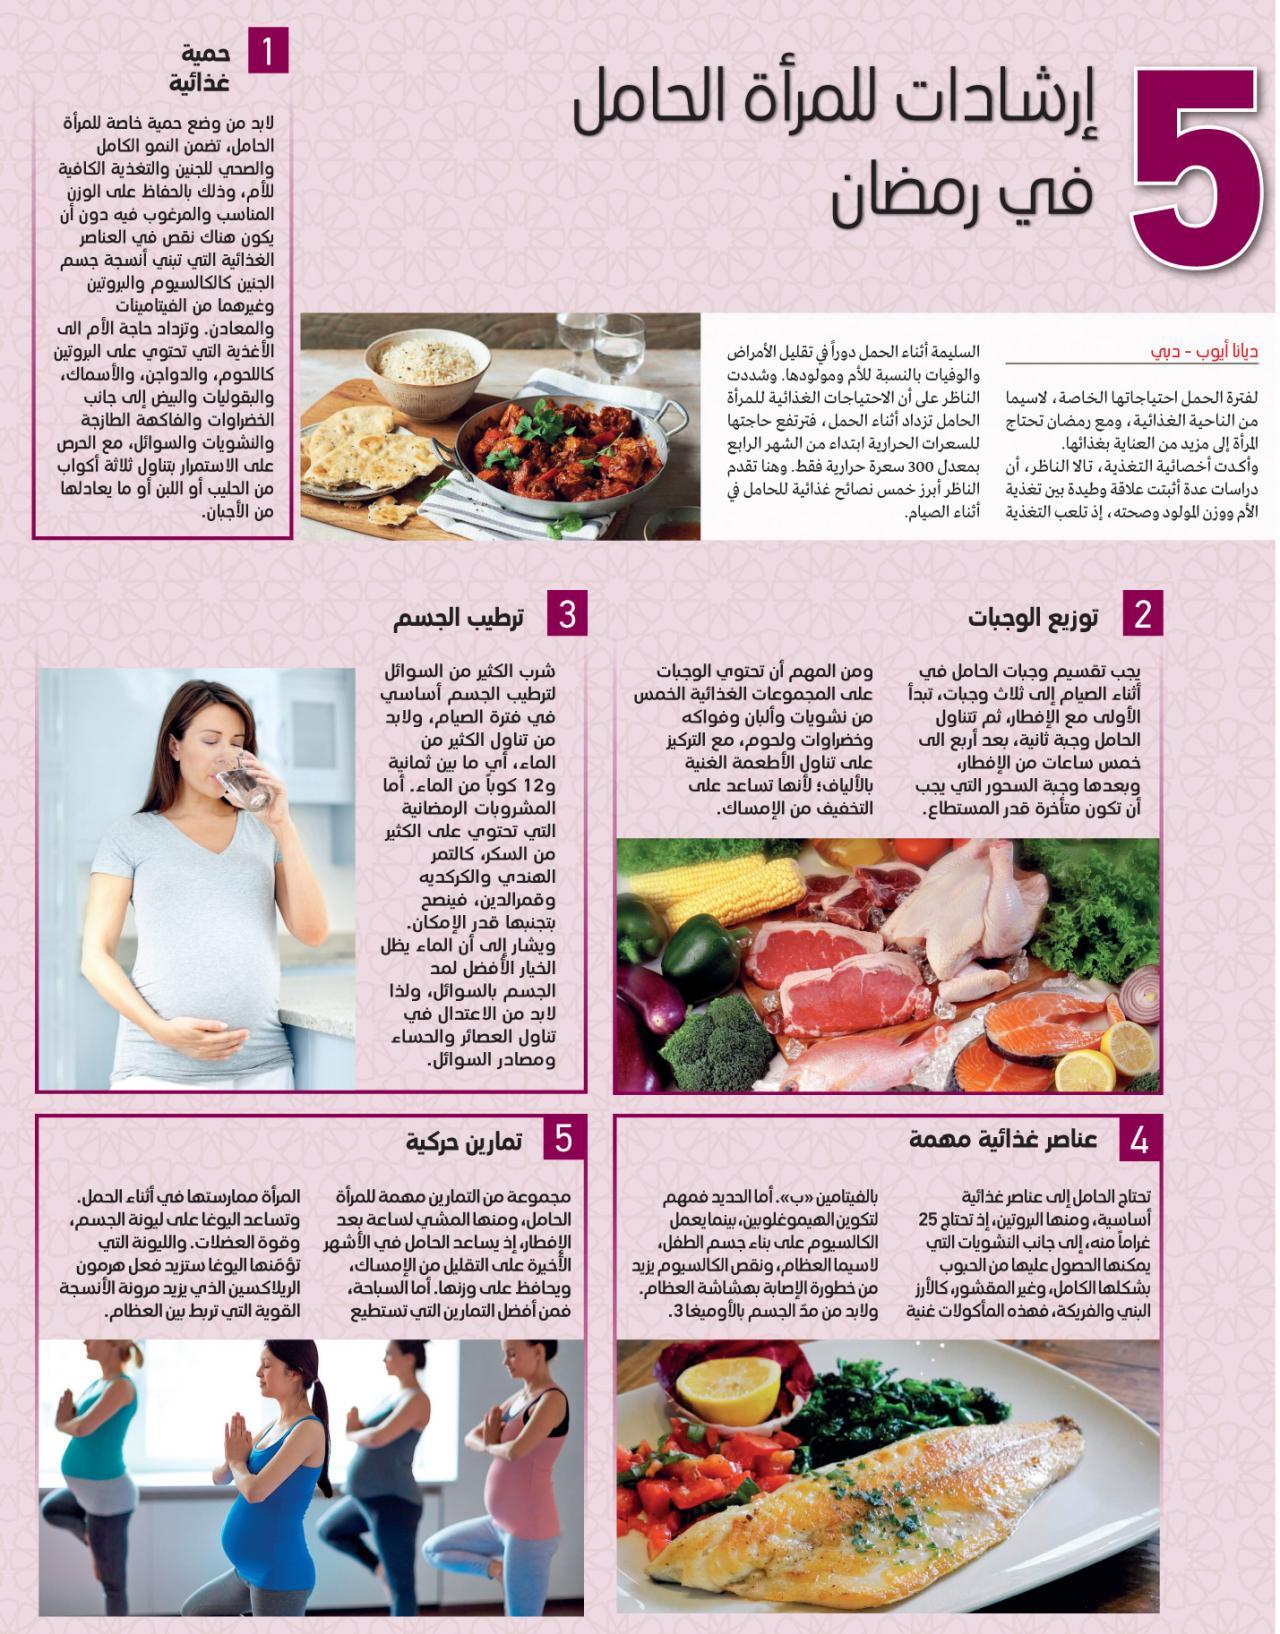 بالصور الاكل المفيد للحامل , طعام للمراه الحامل 2028 1